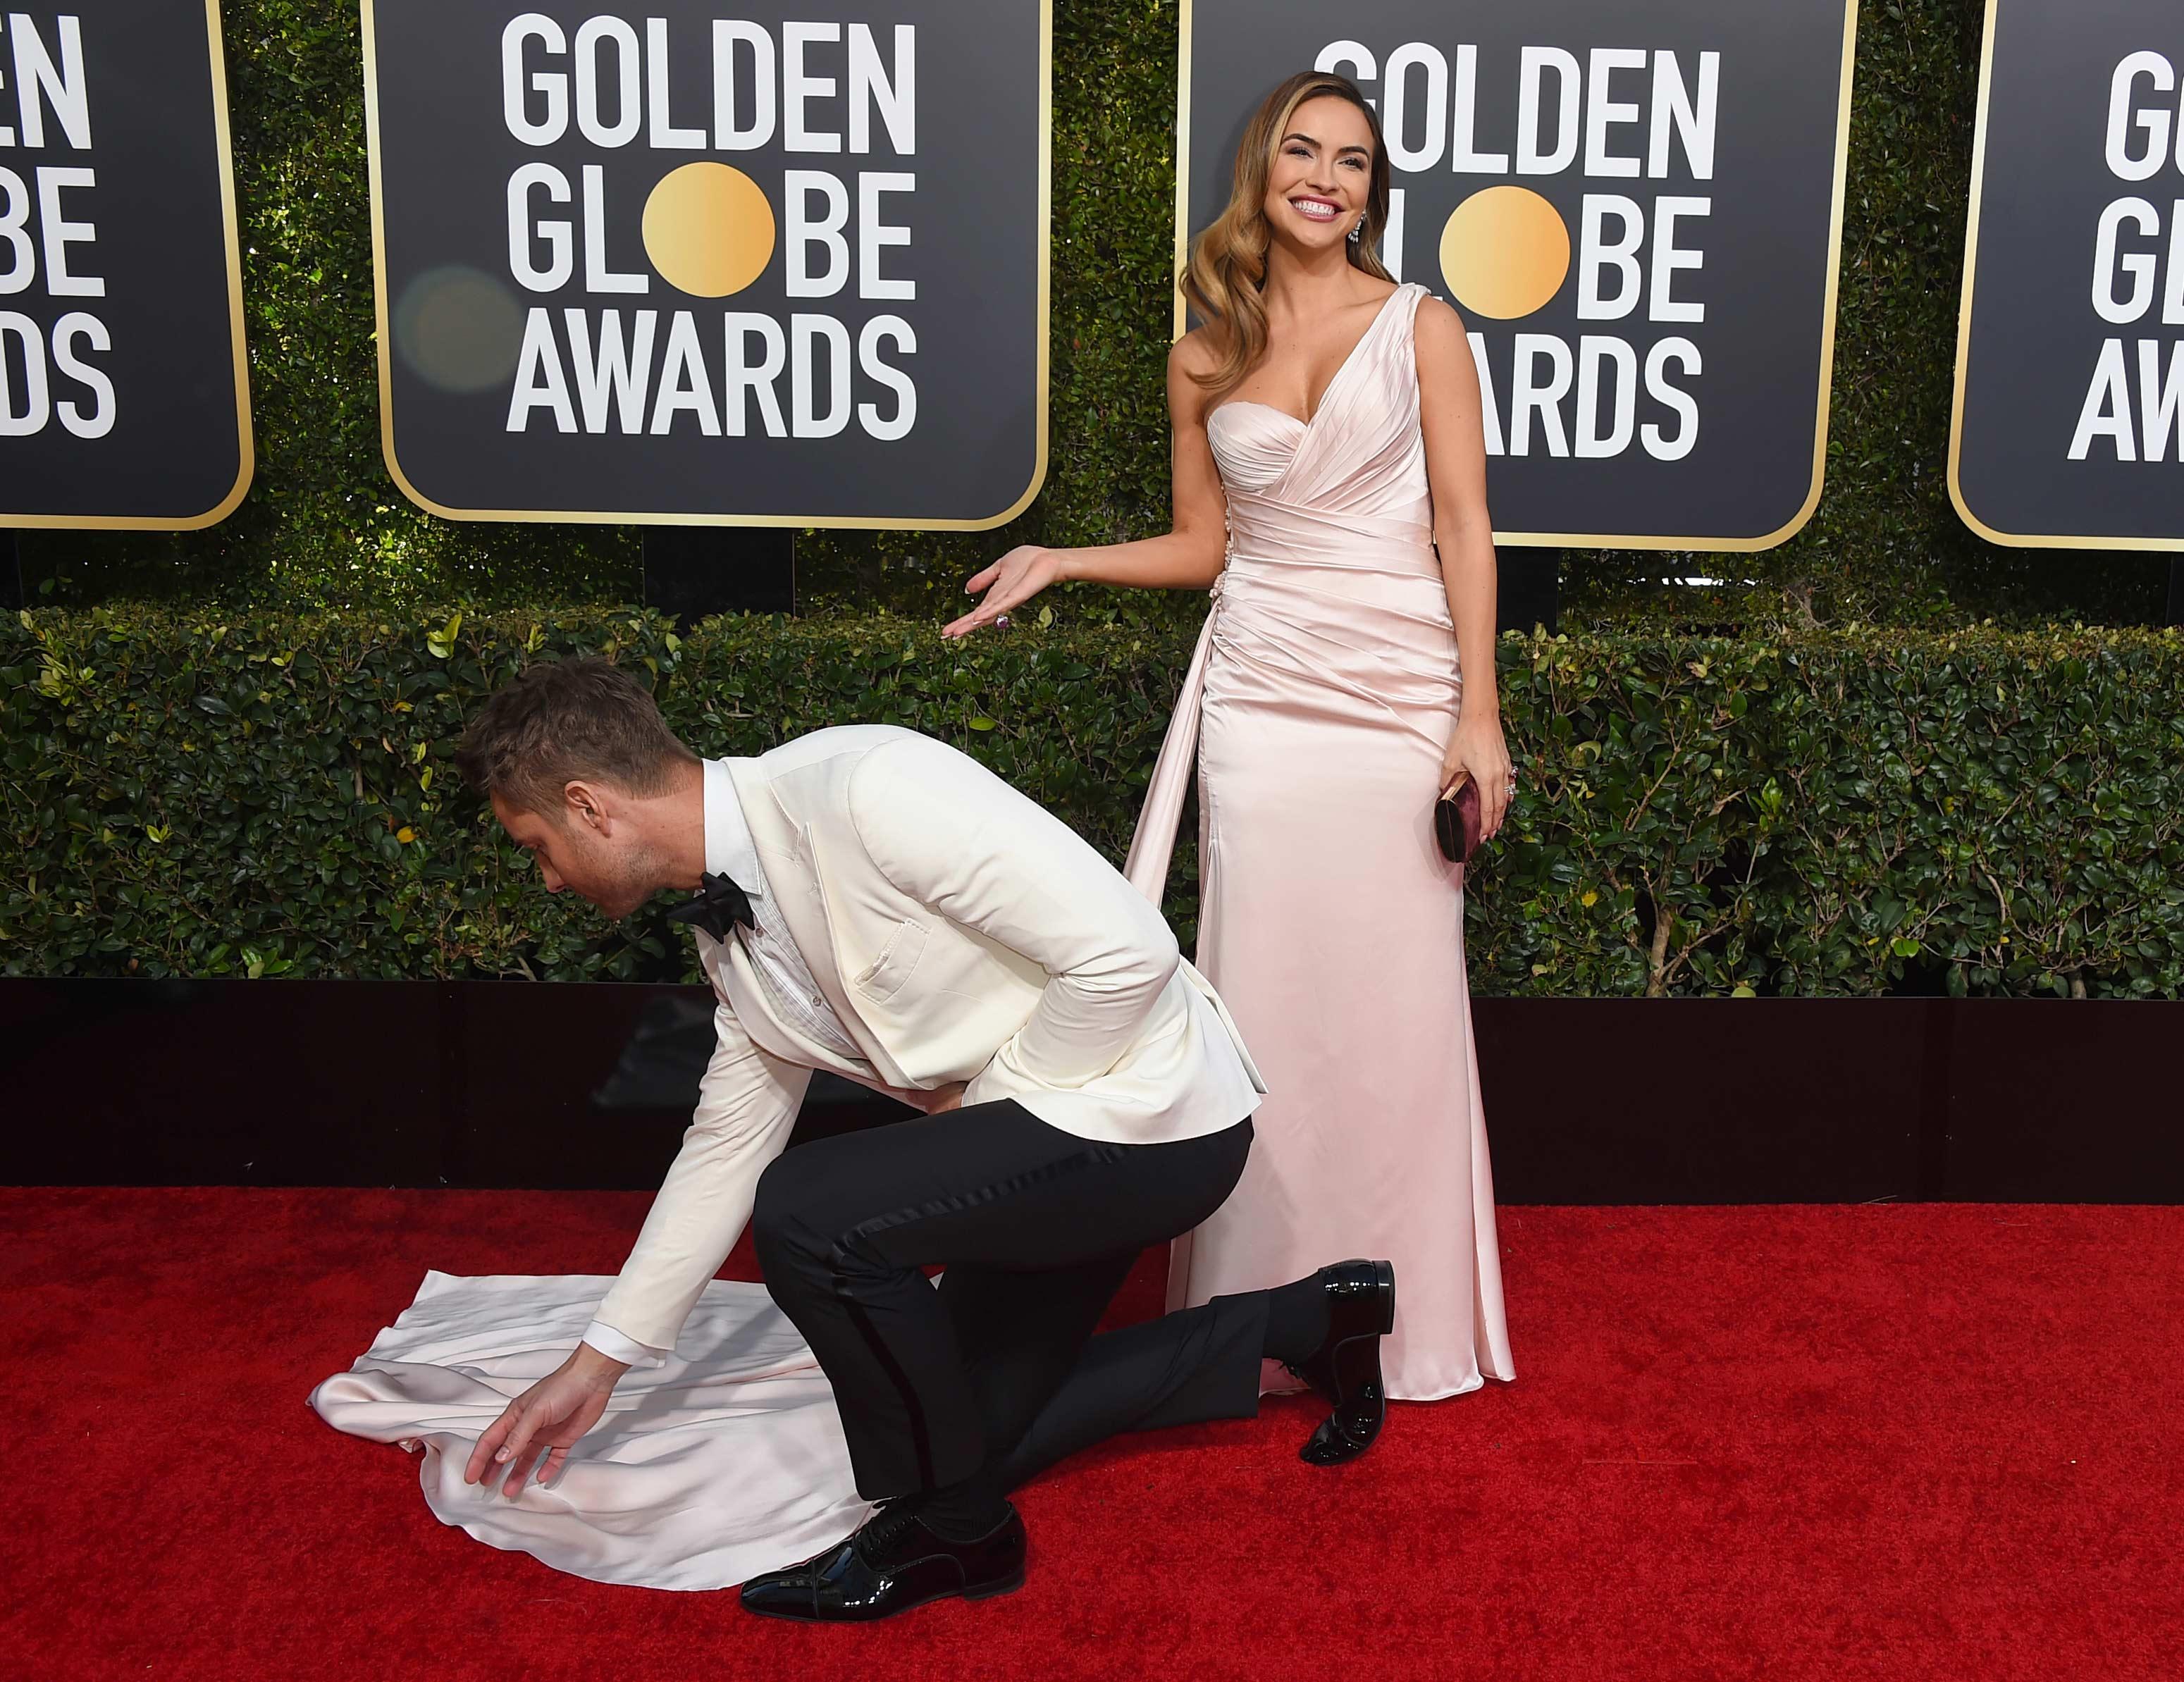 El actor Justin Hartley acomoda la cola del vestido de su pareja hace cinco años, la actriz Chrishell Stause. (Foto: AP)